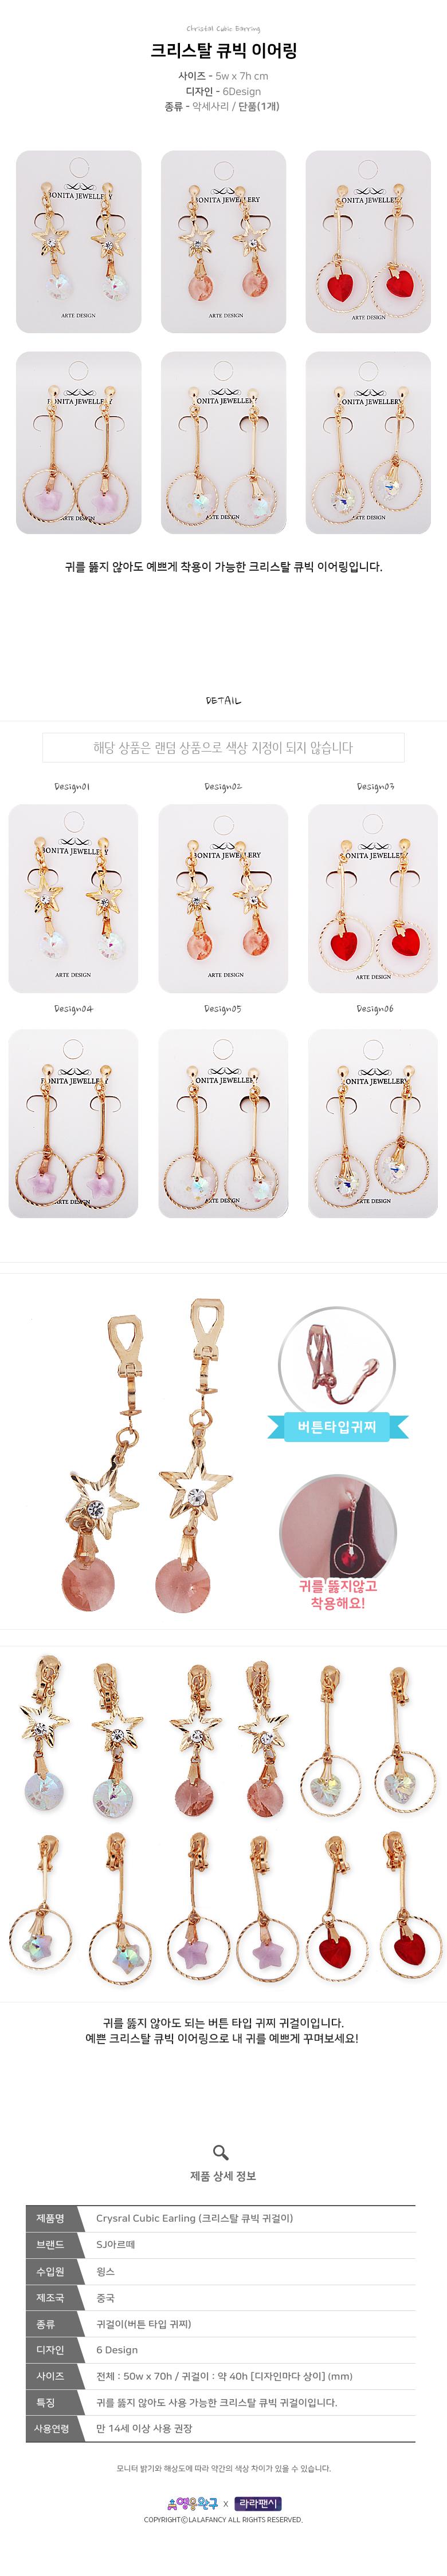 크리스탈 큐빅 귀찌 귀걸이 - 라라팬시, 1,000원, 실버, 이어커프/피어싱